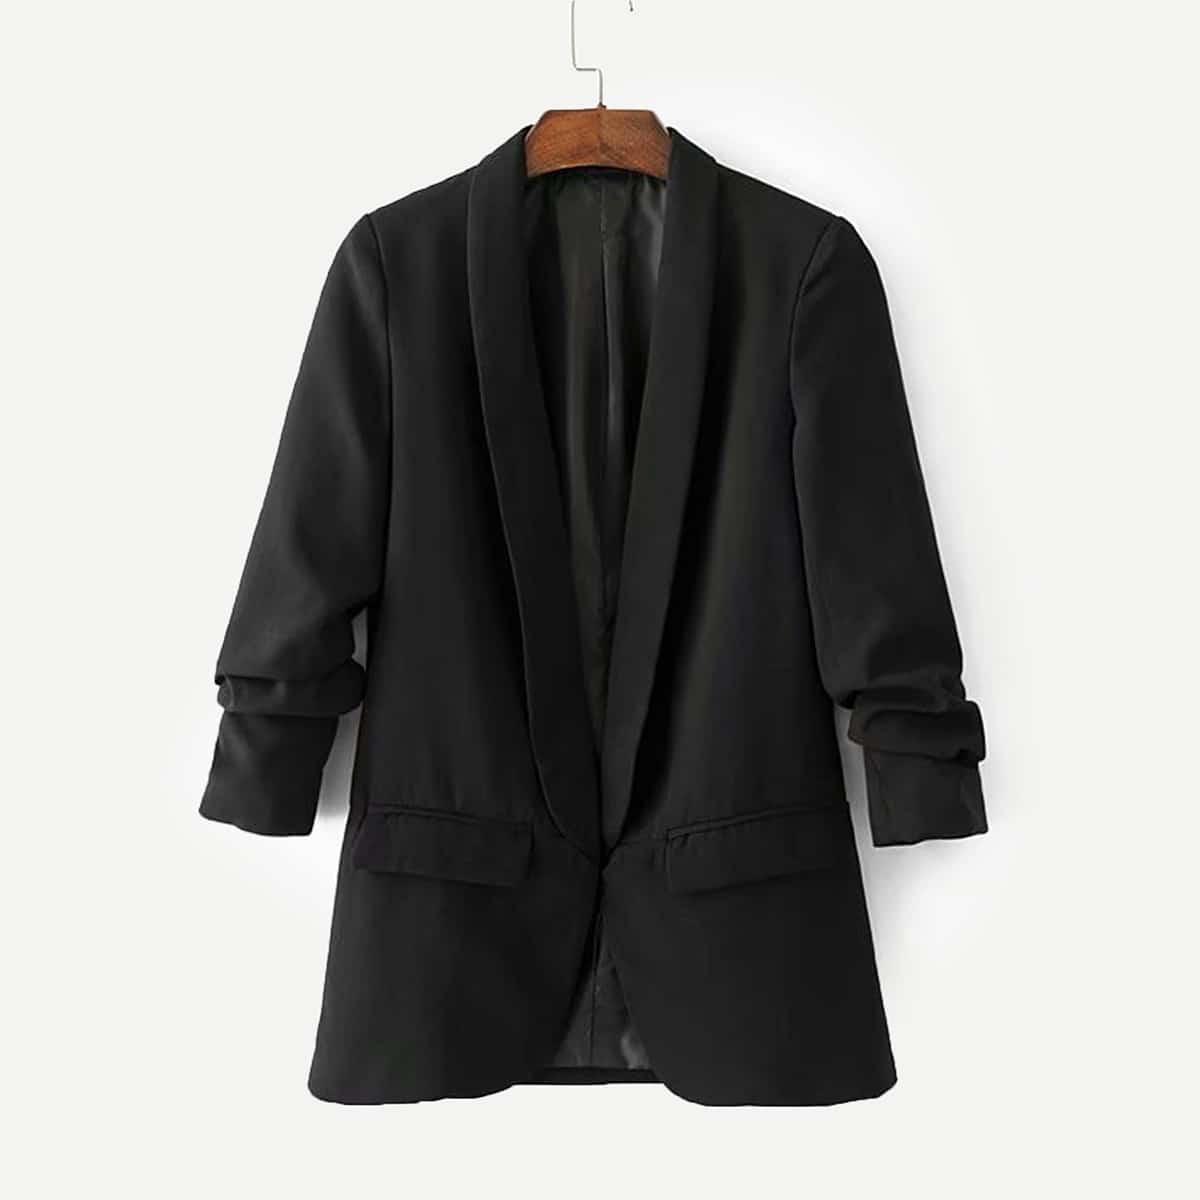 Подходящий пиджак и с широким воротником до плеч от SHEIN